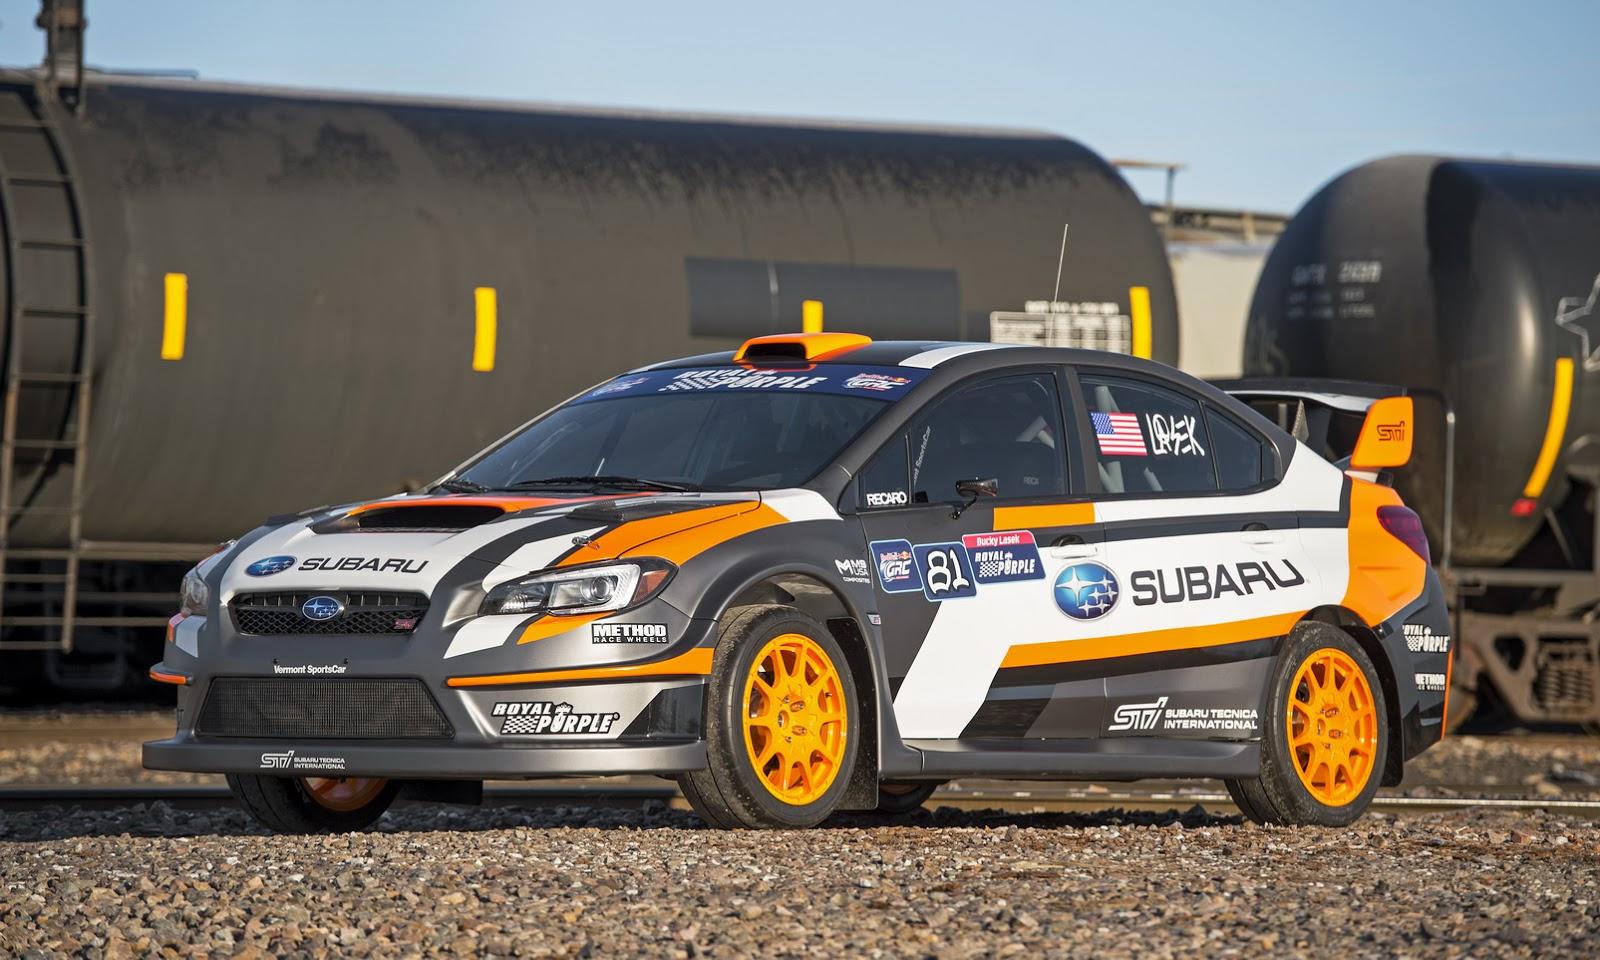 2014 - [Subaru] Impreza WRX/STi  - Page 5 Subaru-Rallycross-2015-4